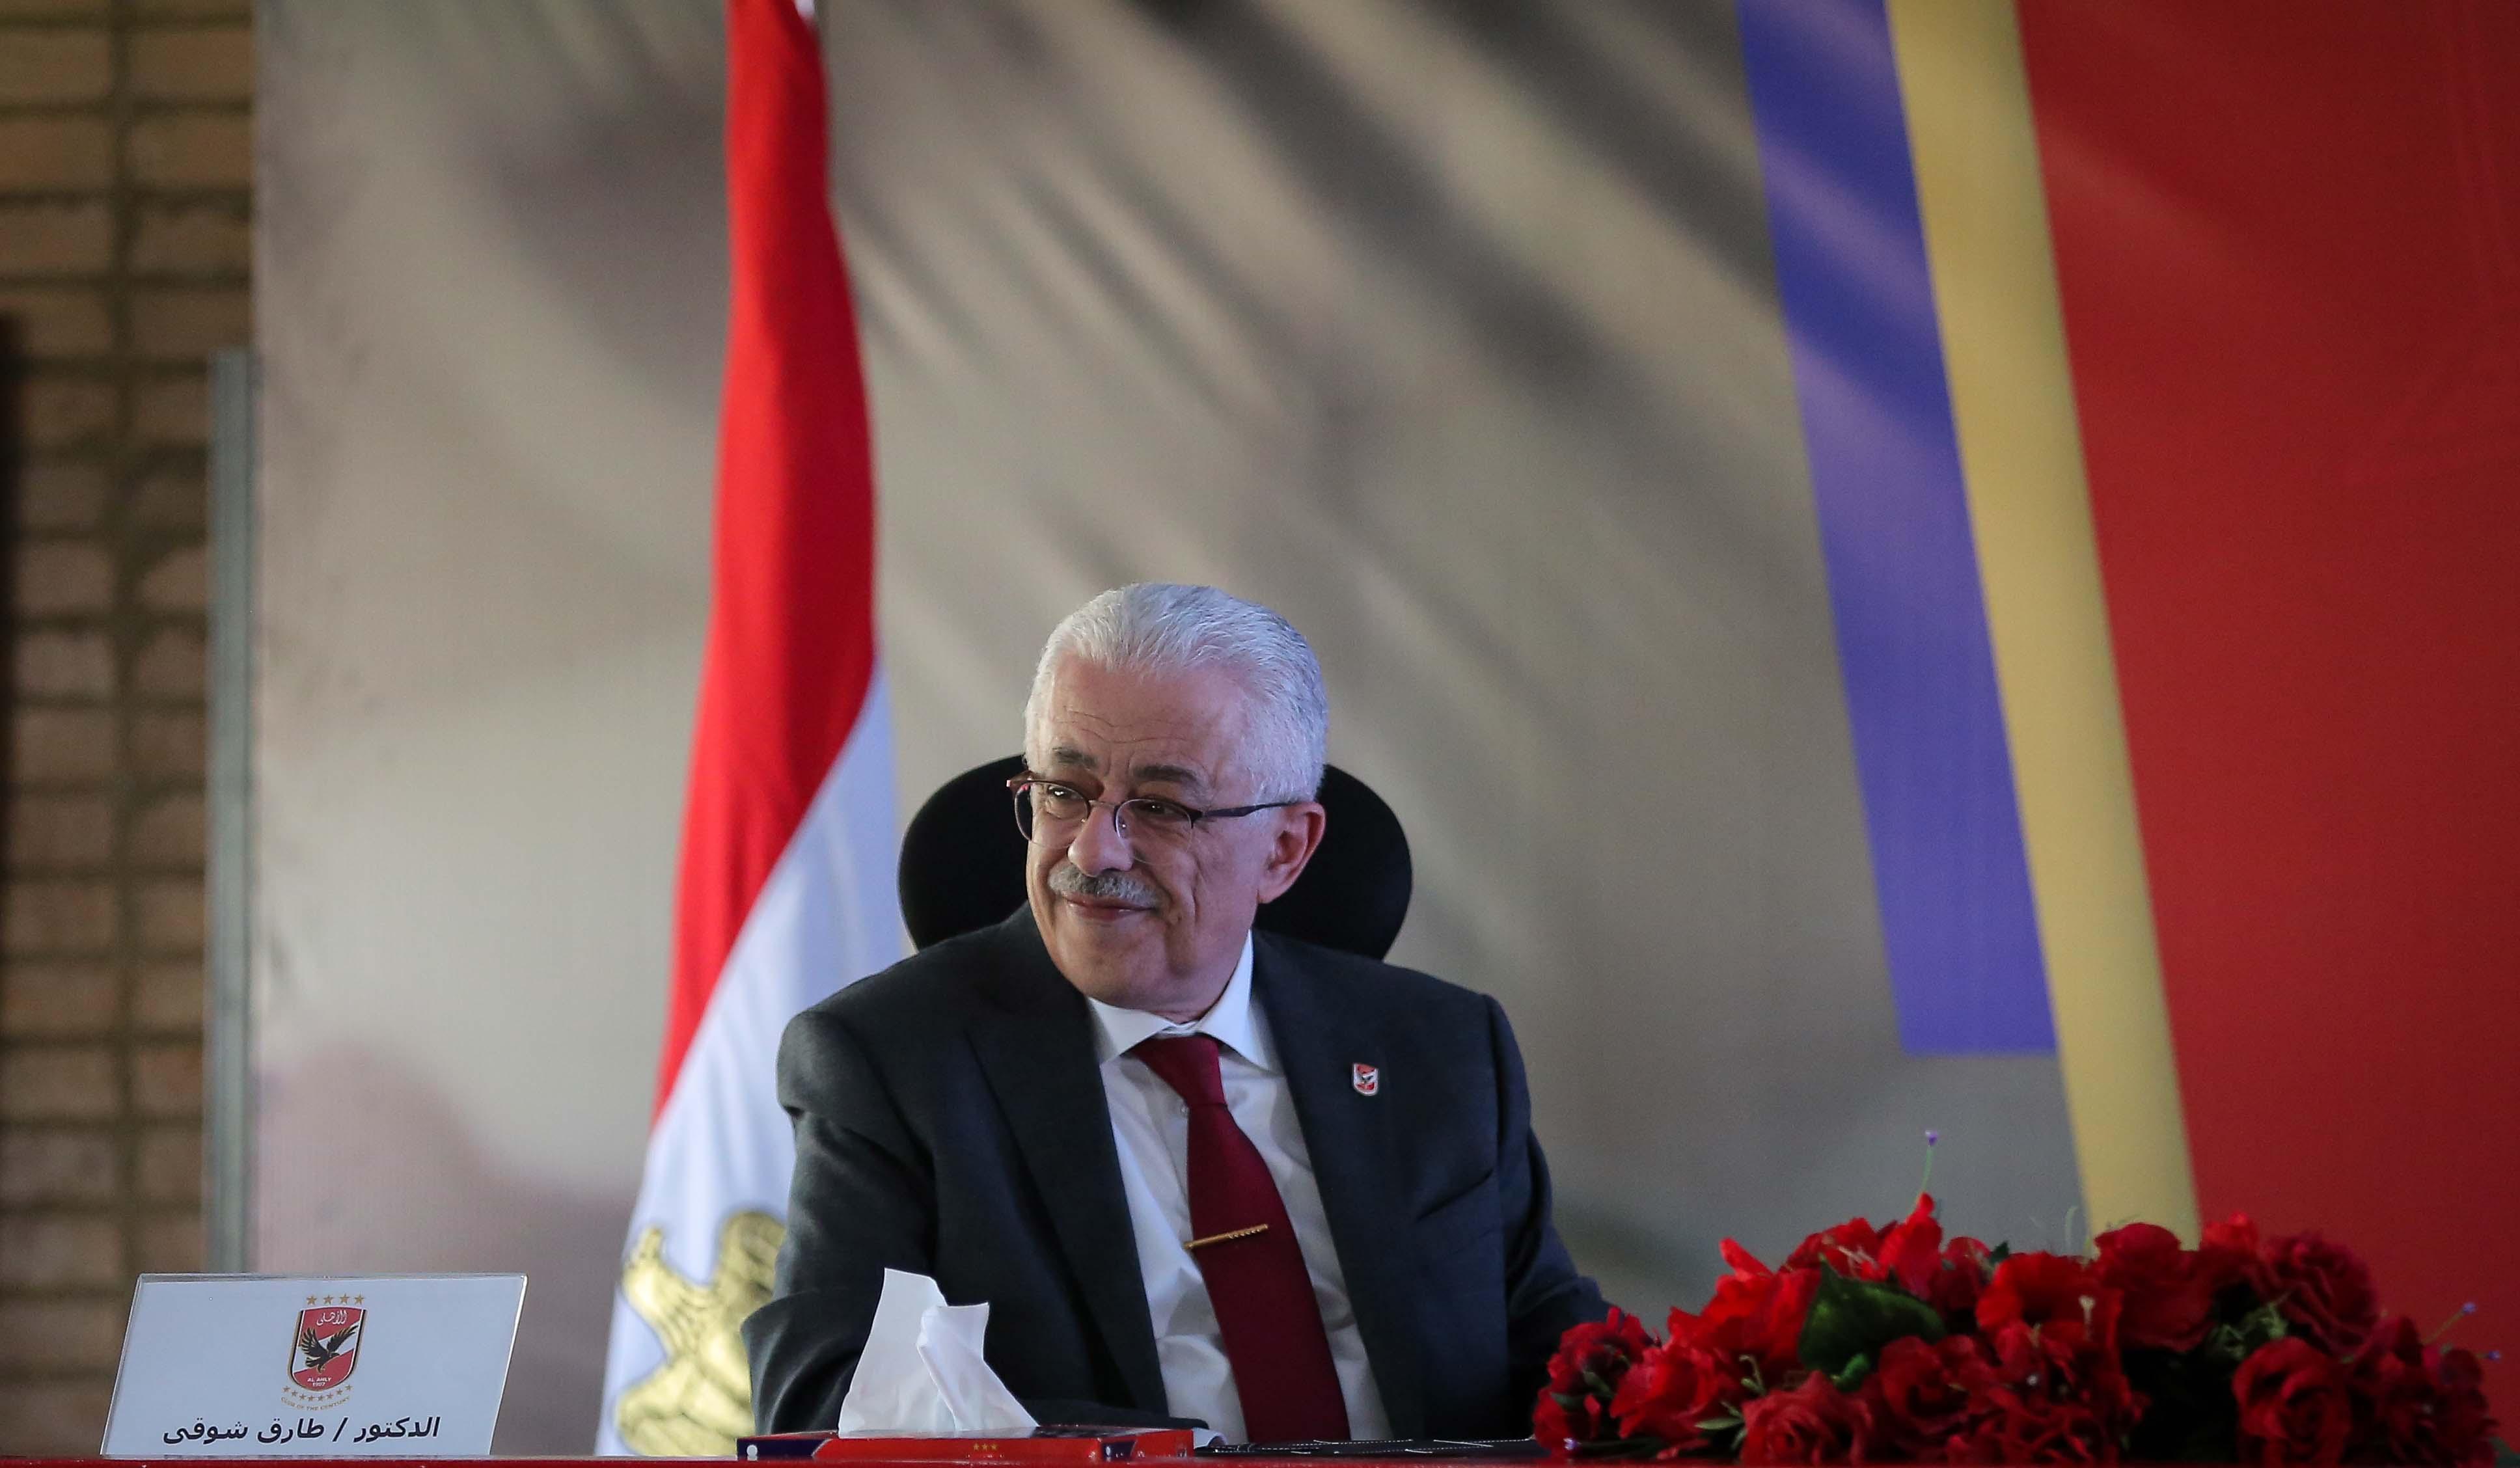 وزير التعليم: الأهلي سبّاق ويمتلك رؤية جيدة في بناء الإنسان المصري